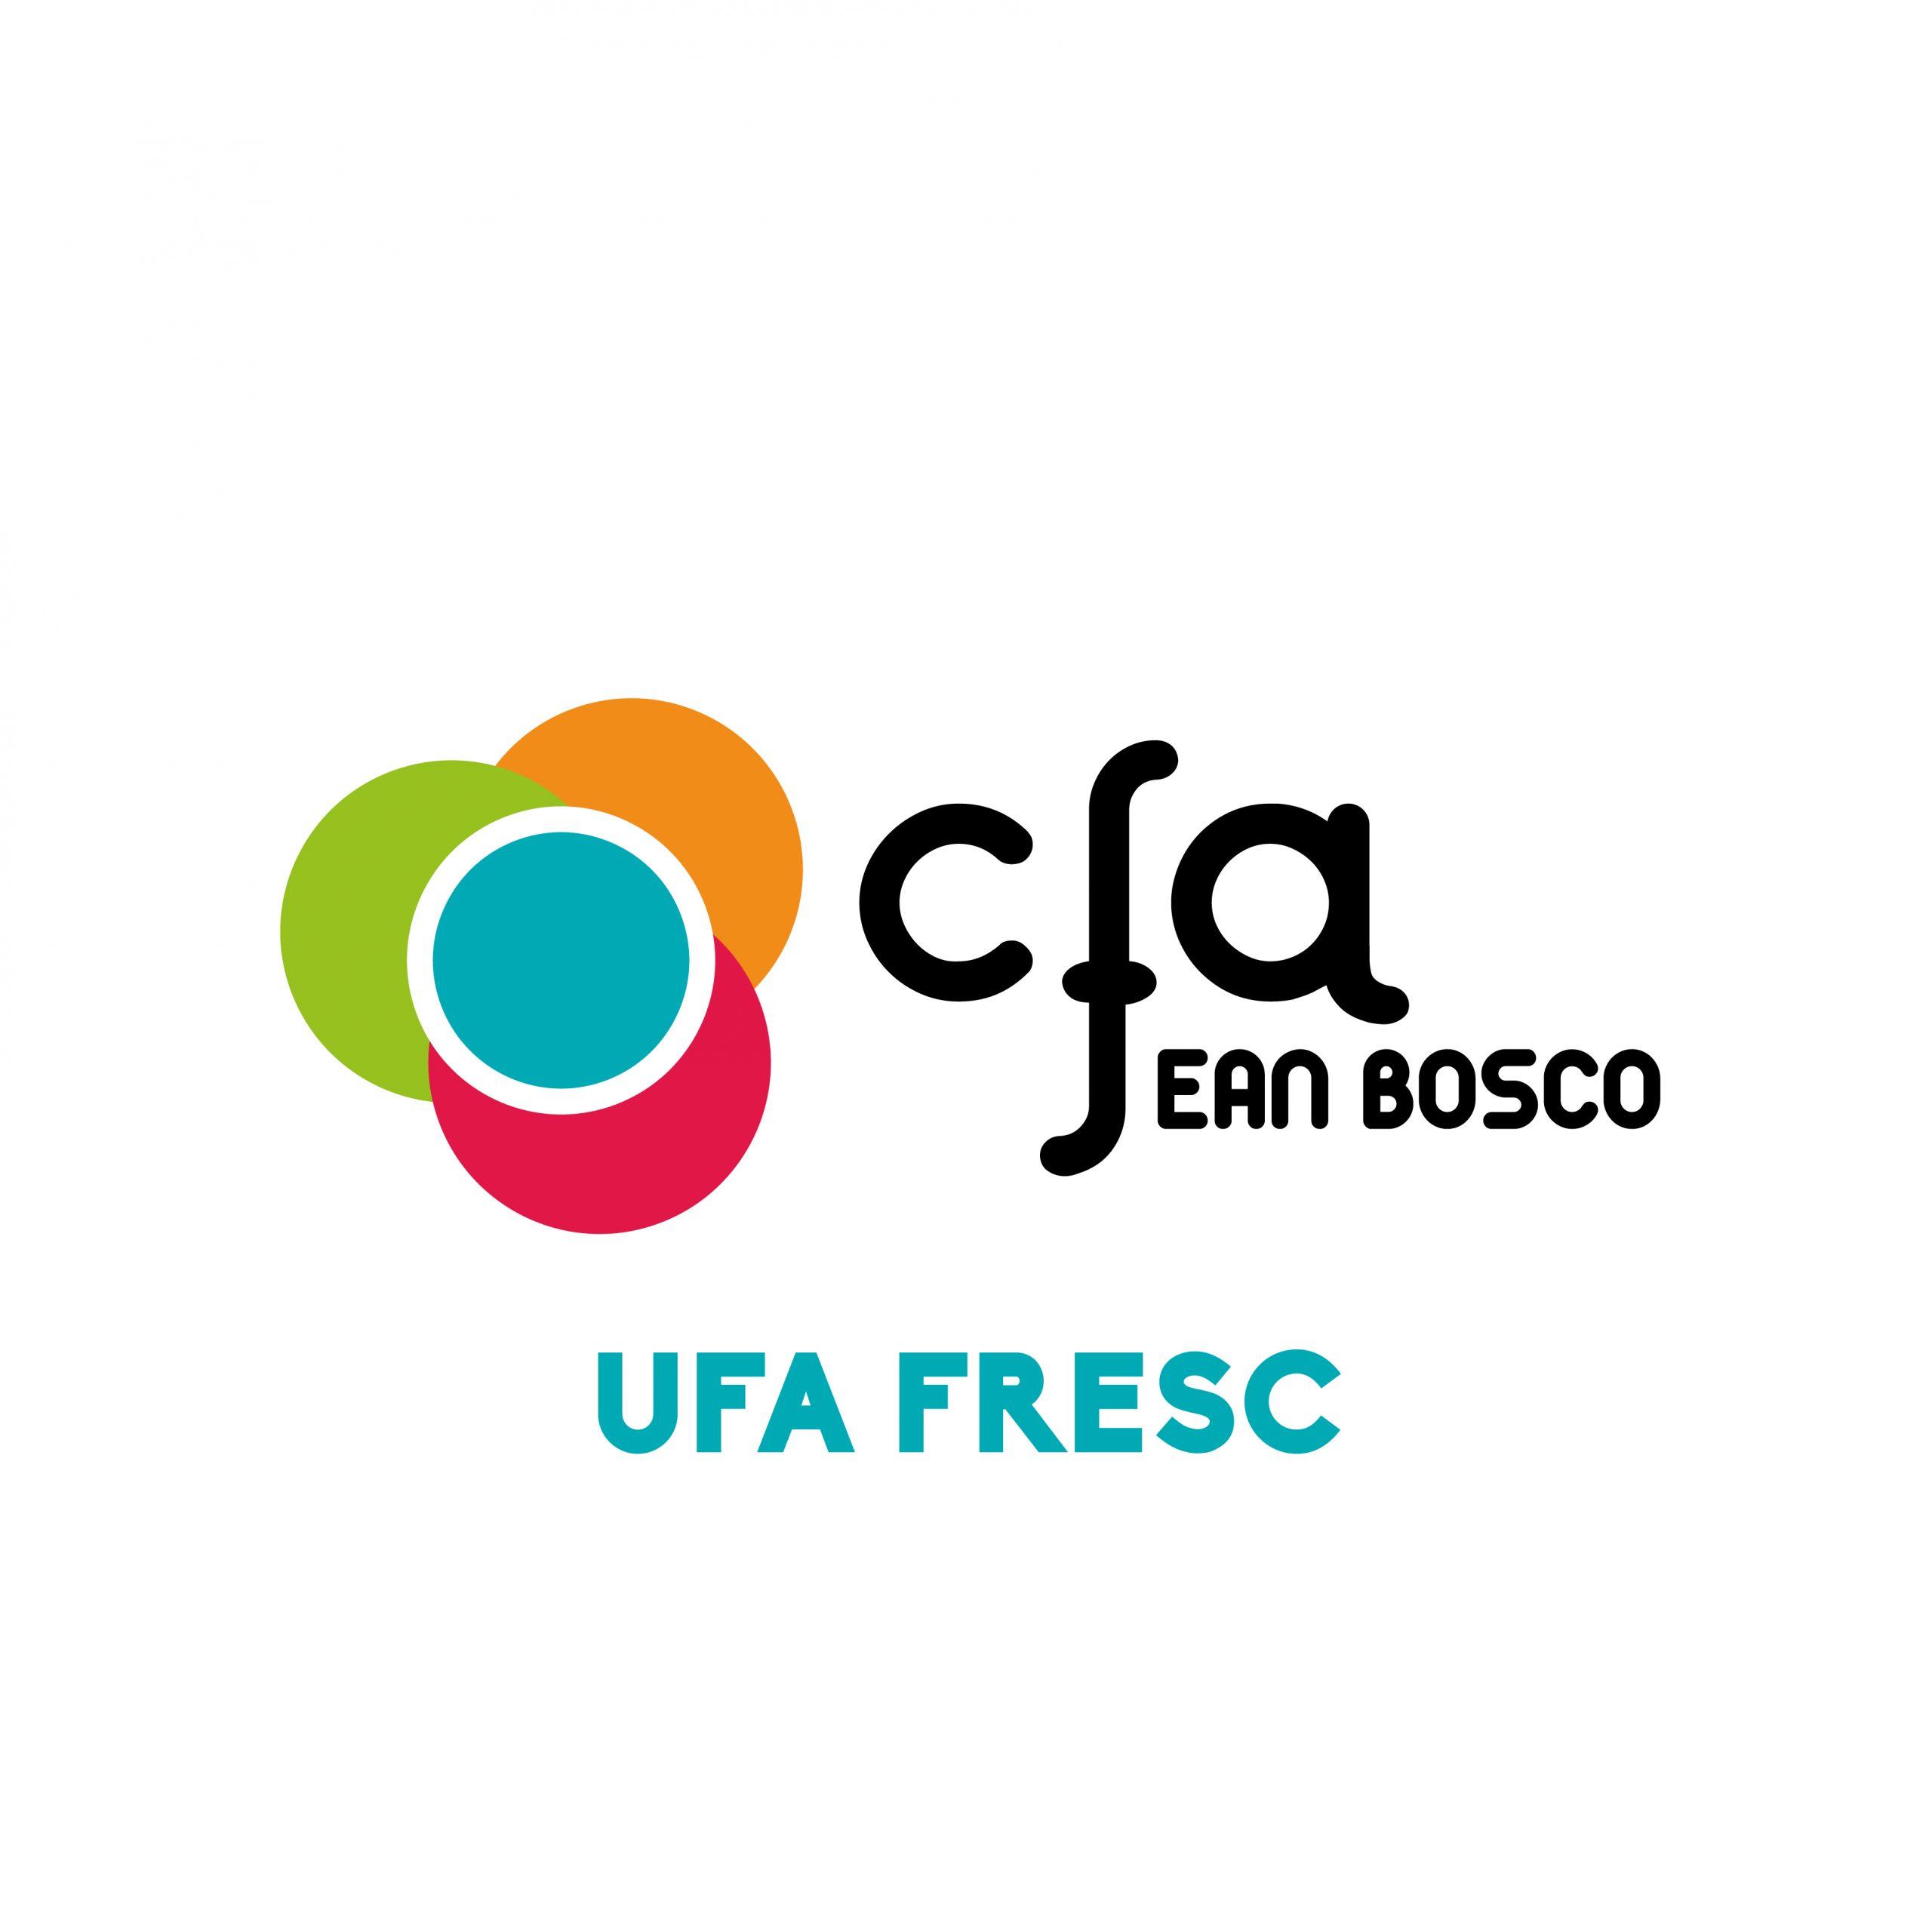 UFA FRESC